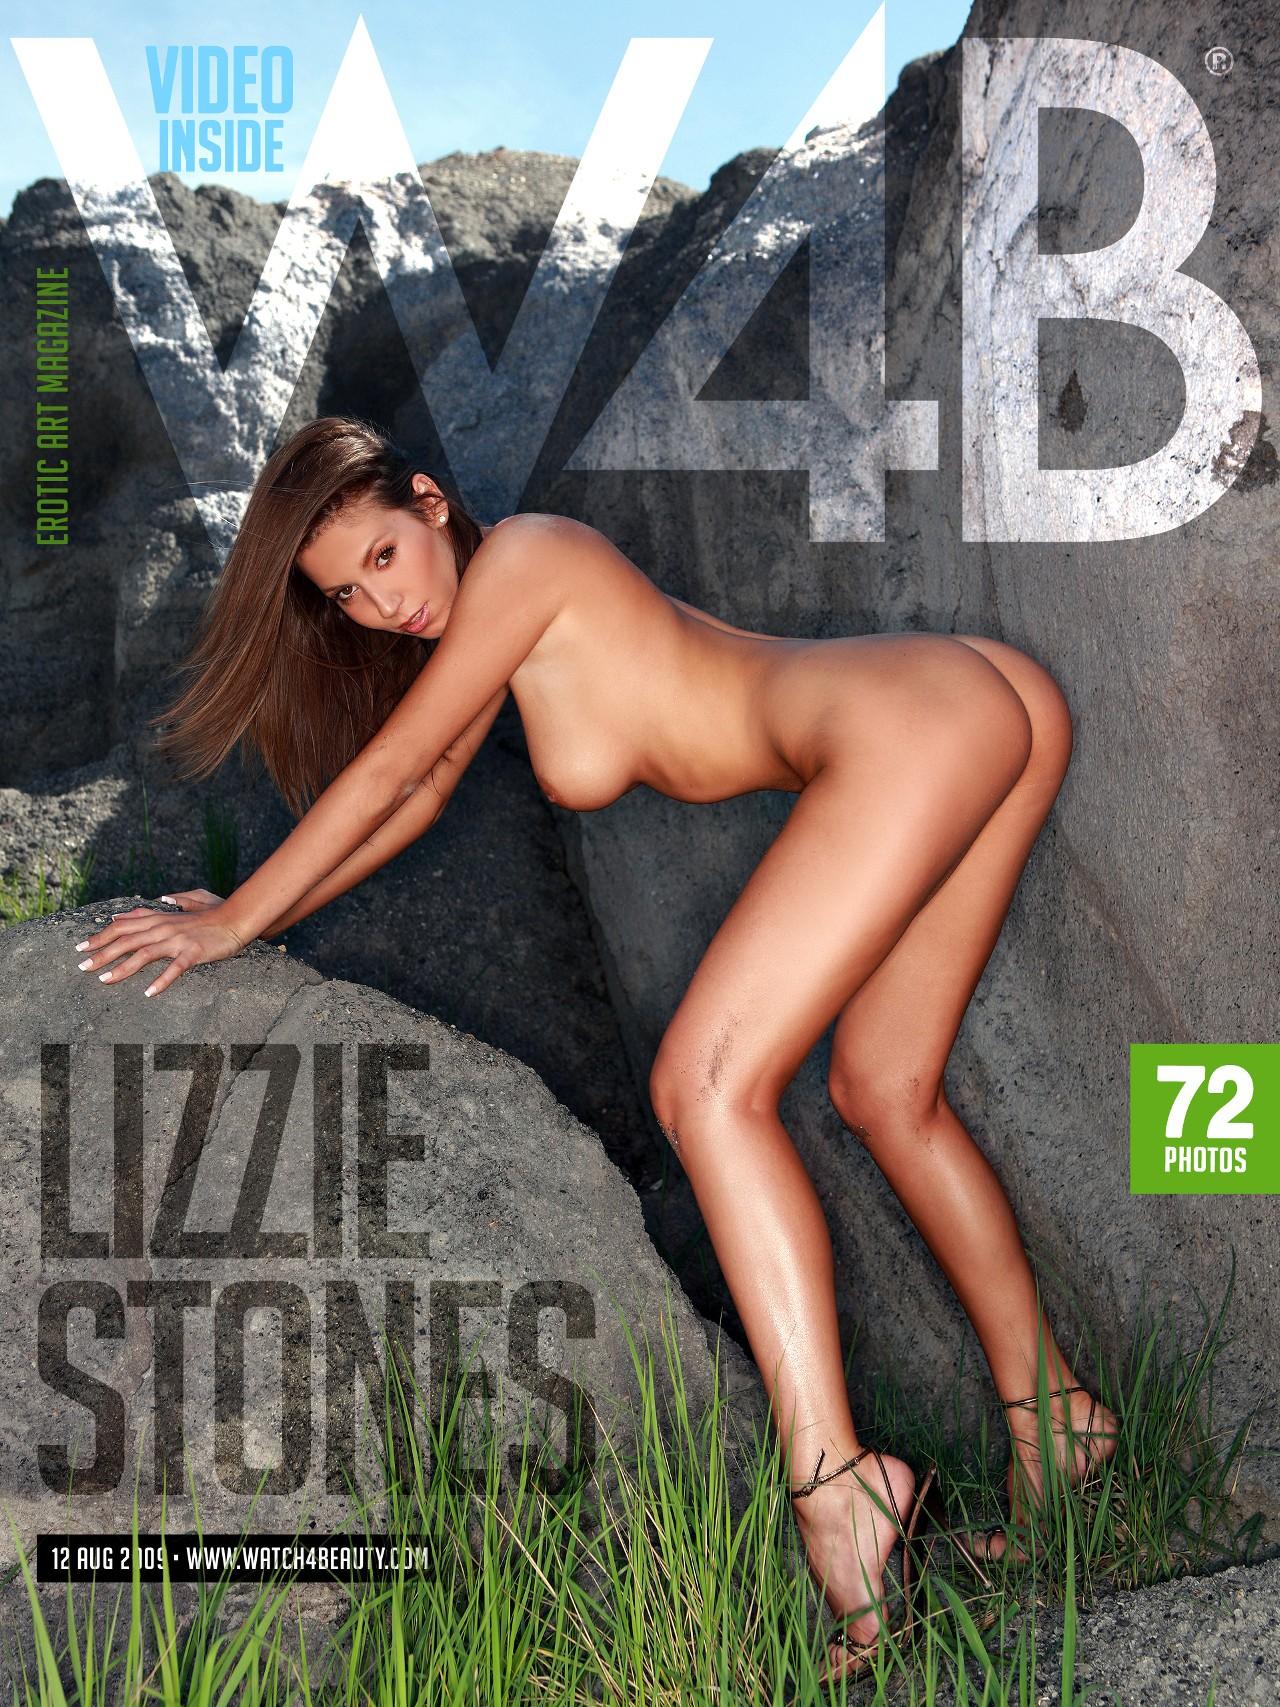 Lizzie: Stones